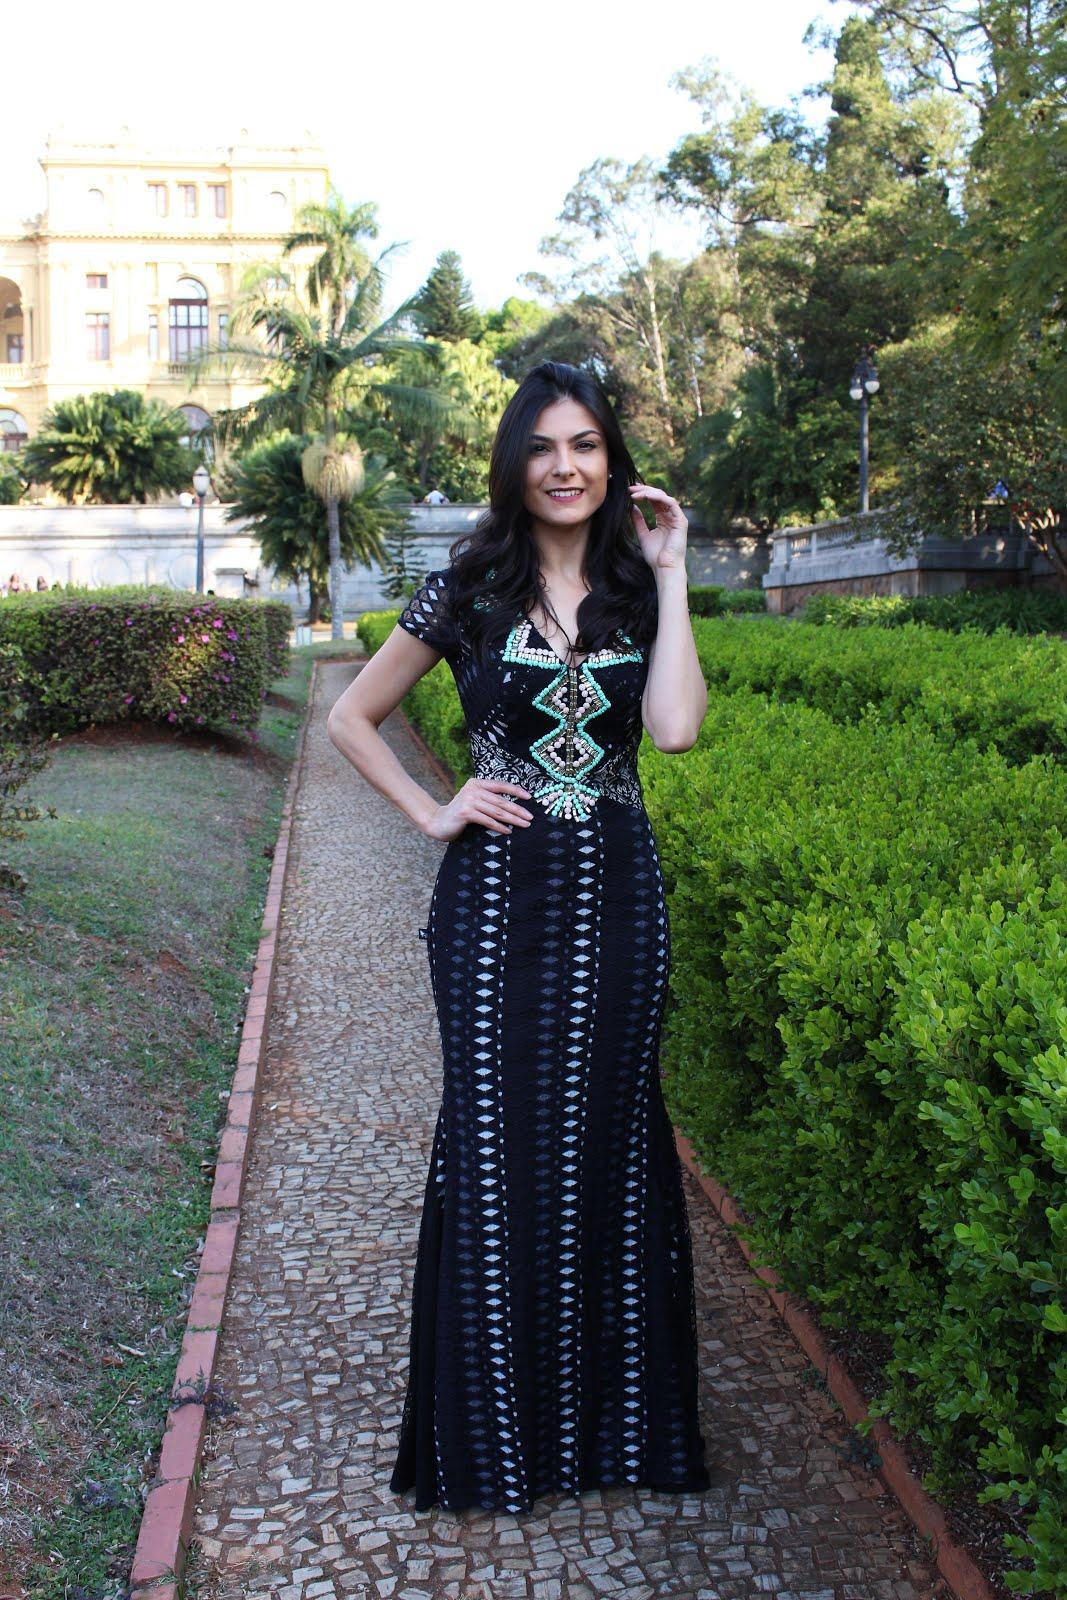 Vestido Fasciniu's Moda Evangélica - Blog Cris Felix